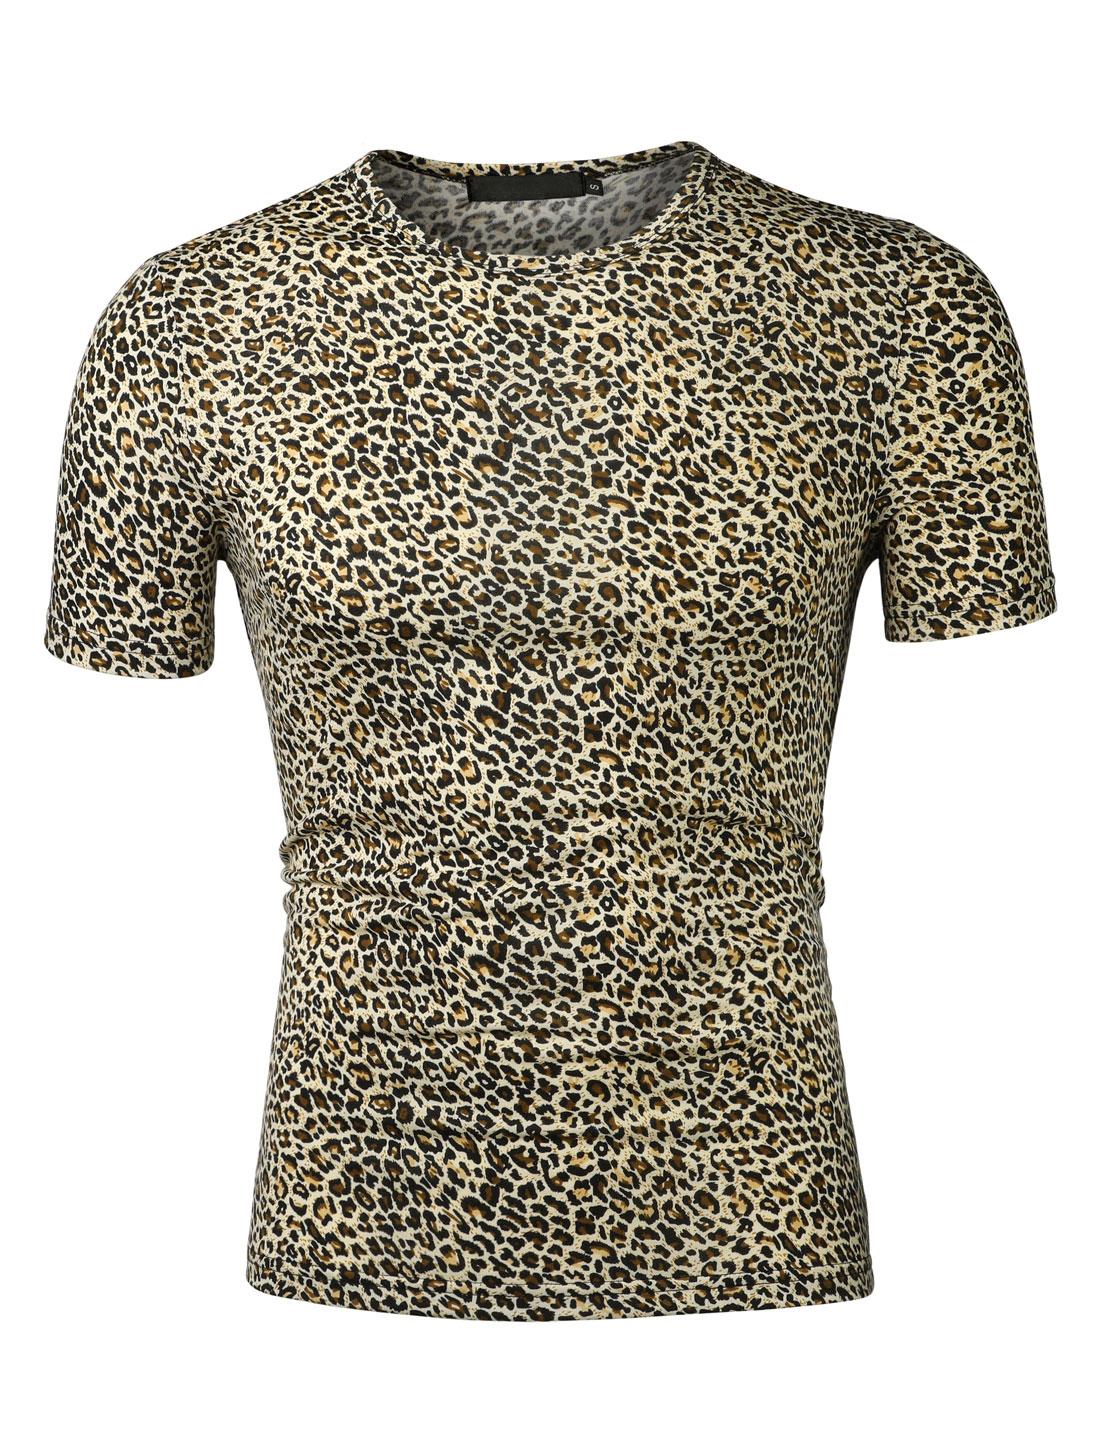 Men Round Neck Short Sleeves Leopard Print Tee Shirt Beige Black XXL (US 50)